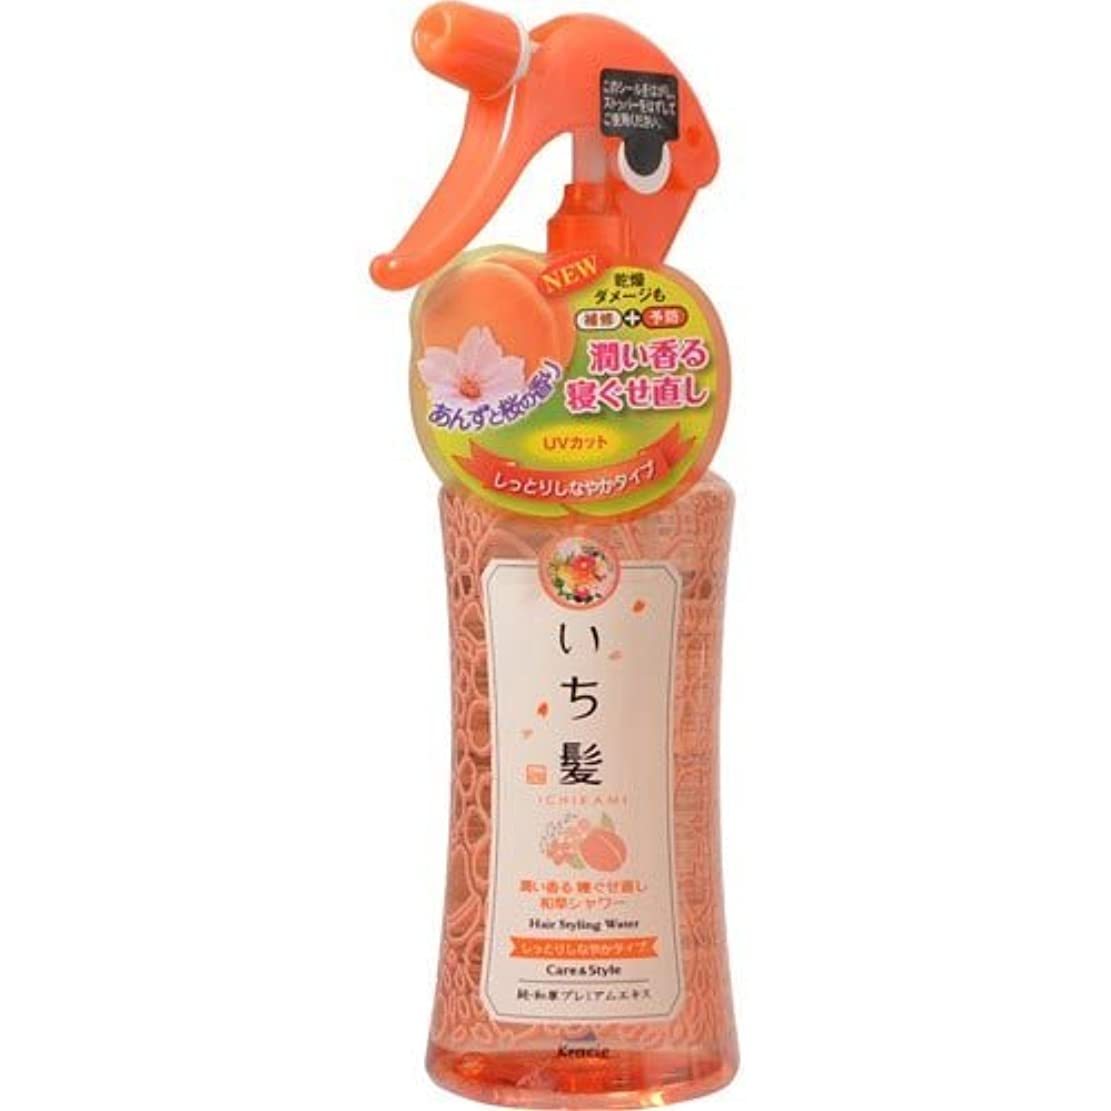 むさぼり食うスローガン結び目いち髪 潤い香る寝ぐせ直し和草シャワー しっとりしなやかタイプ 250mL